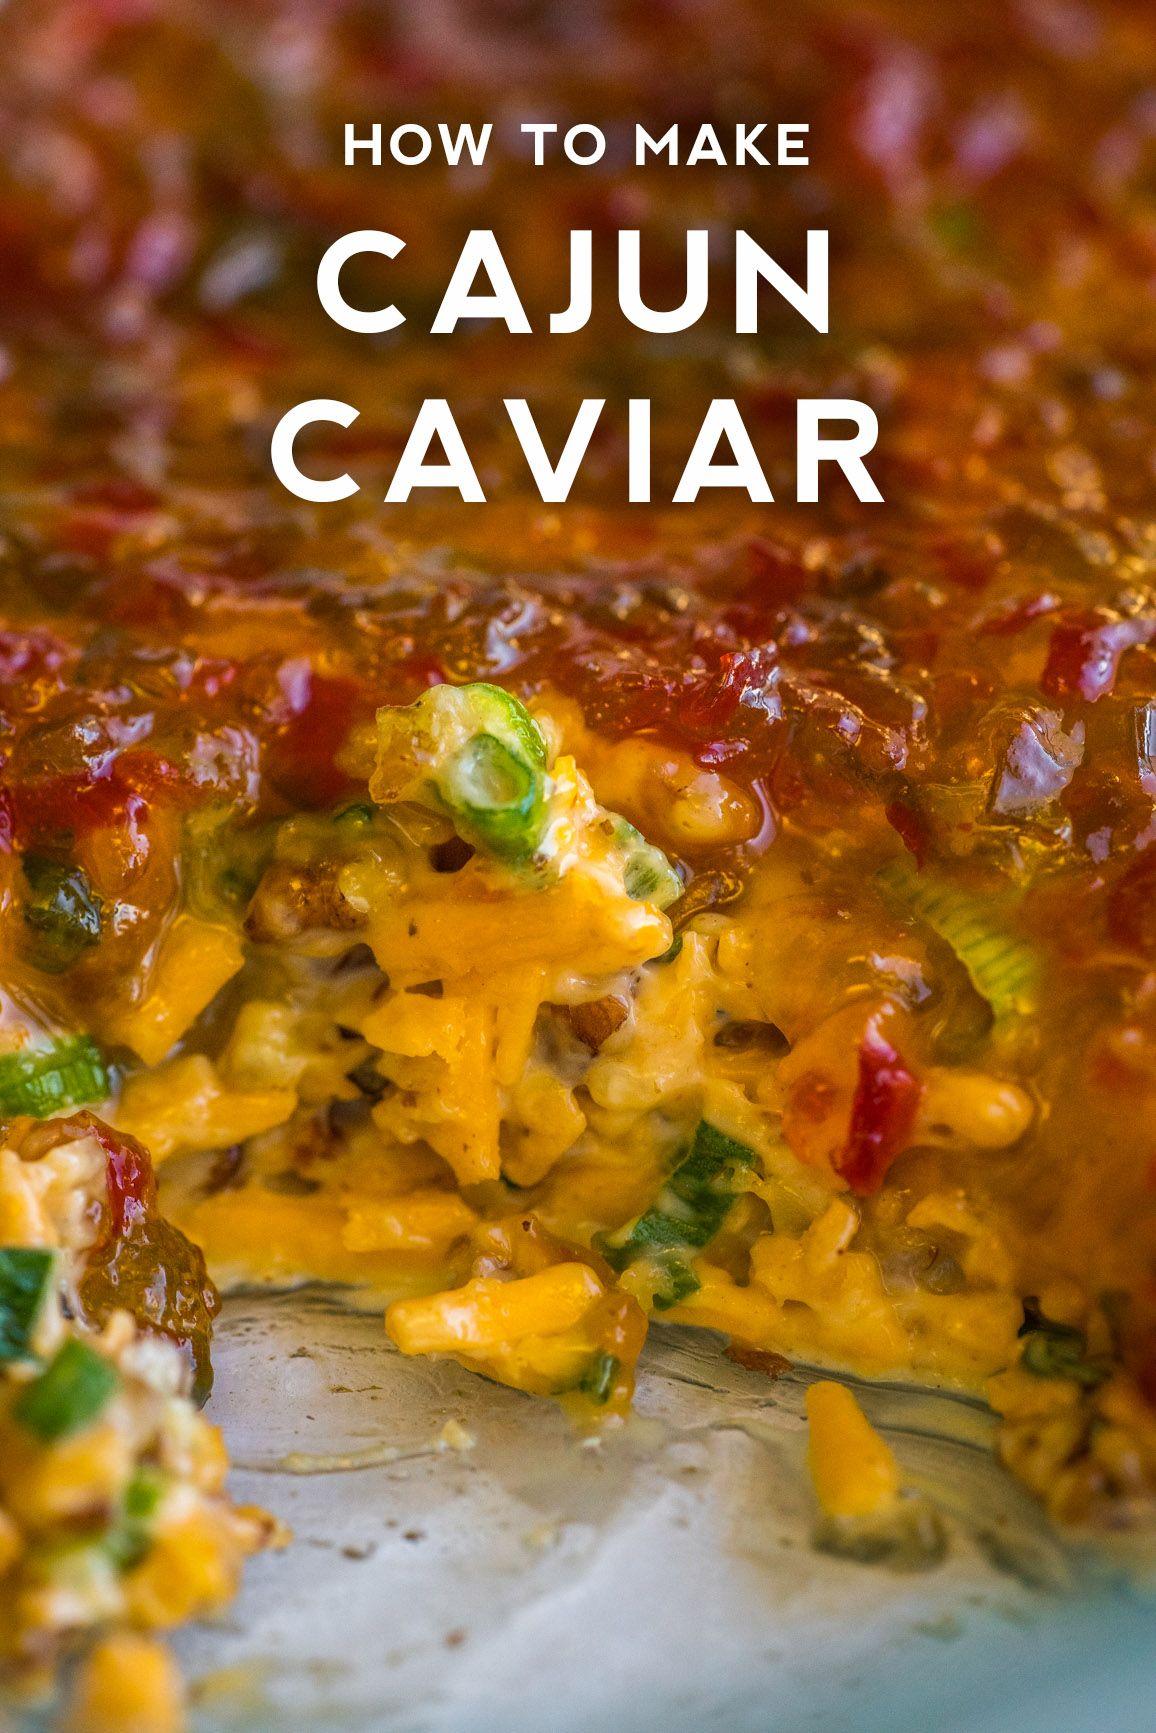 Cajun Caviar Dip